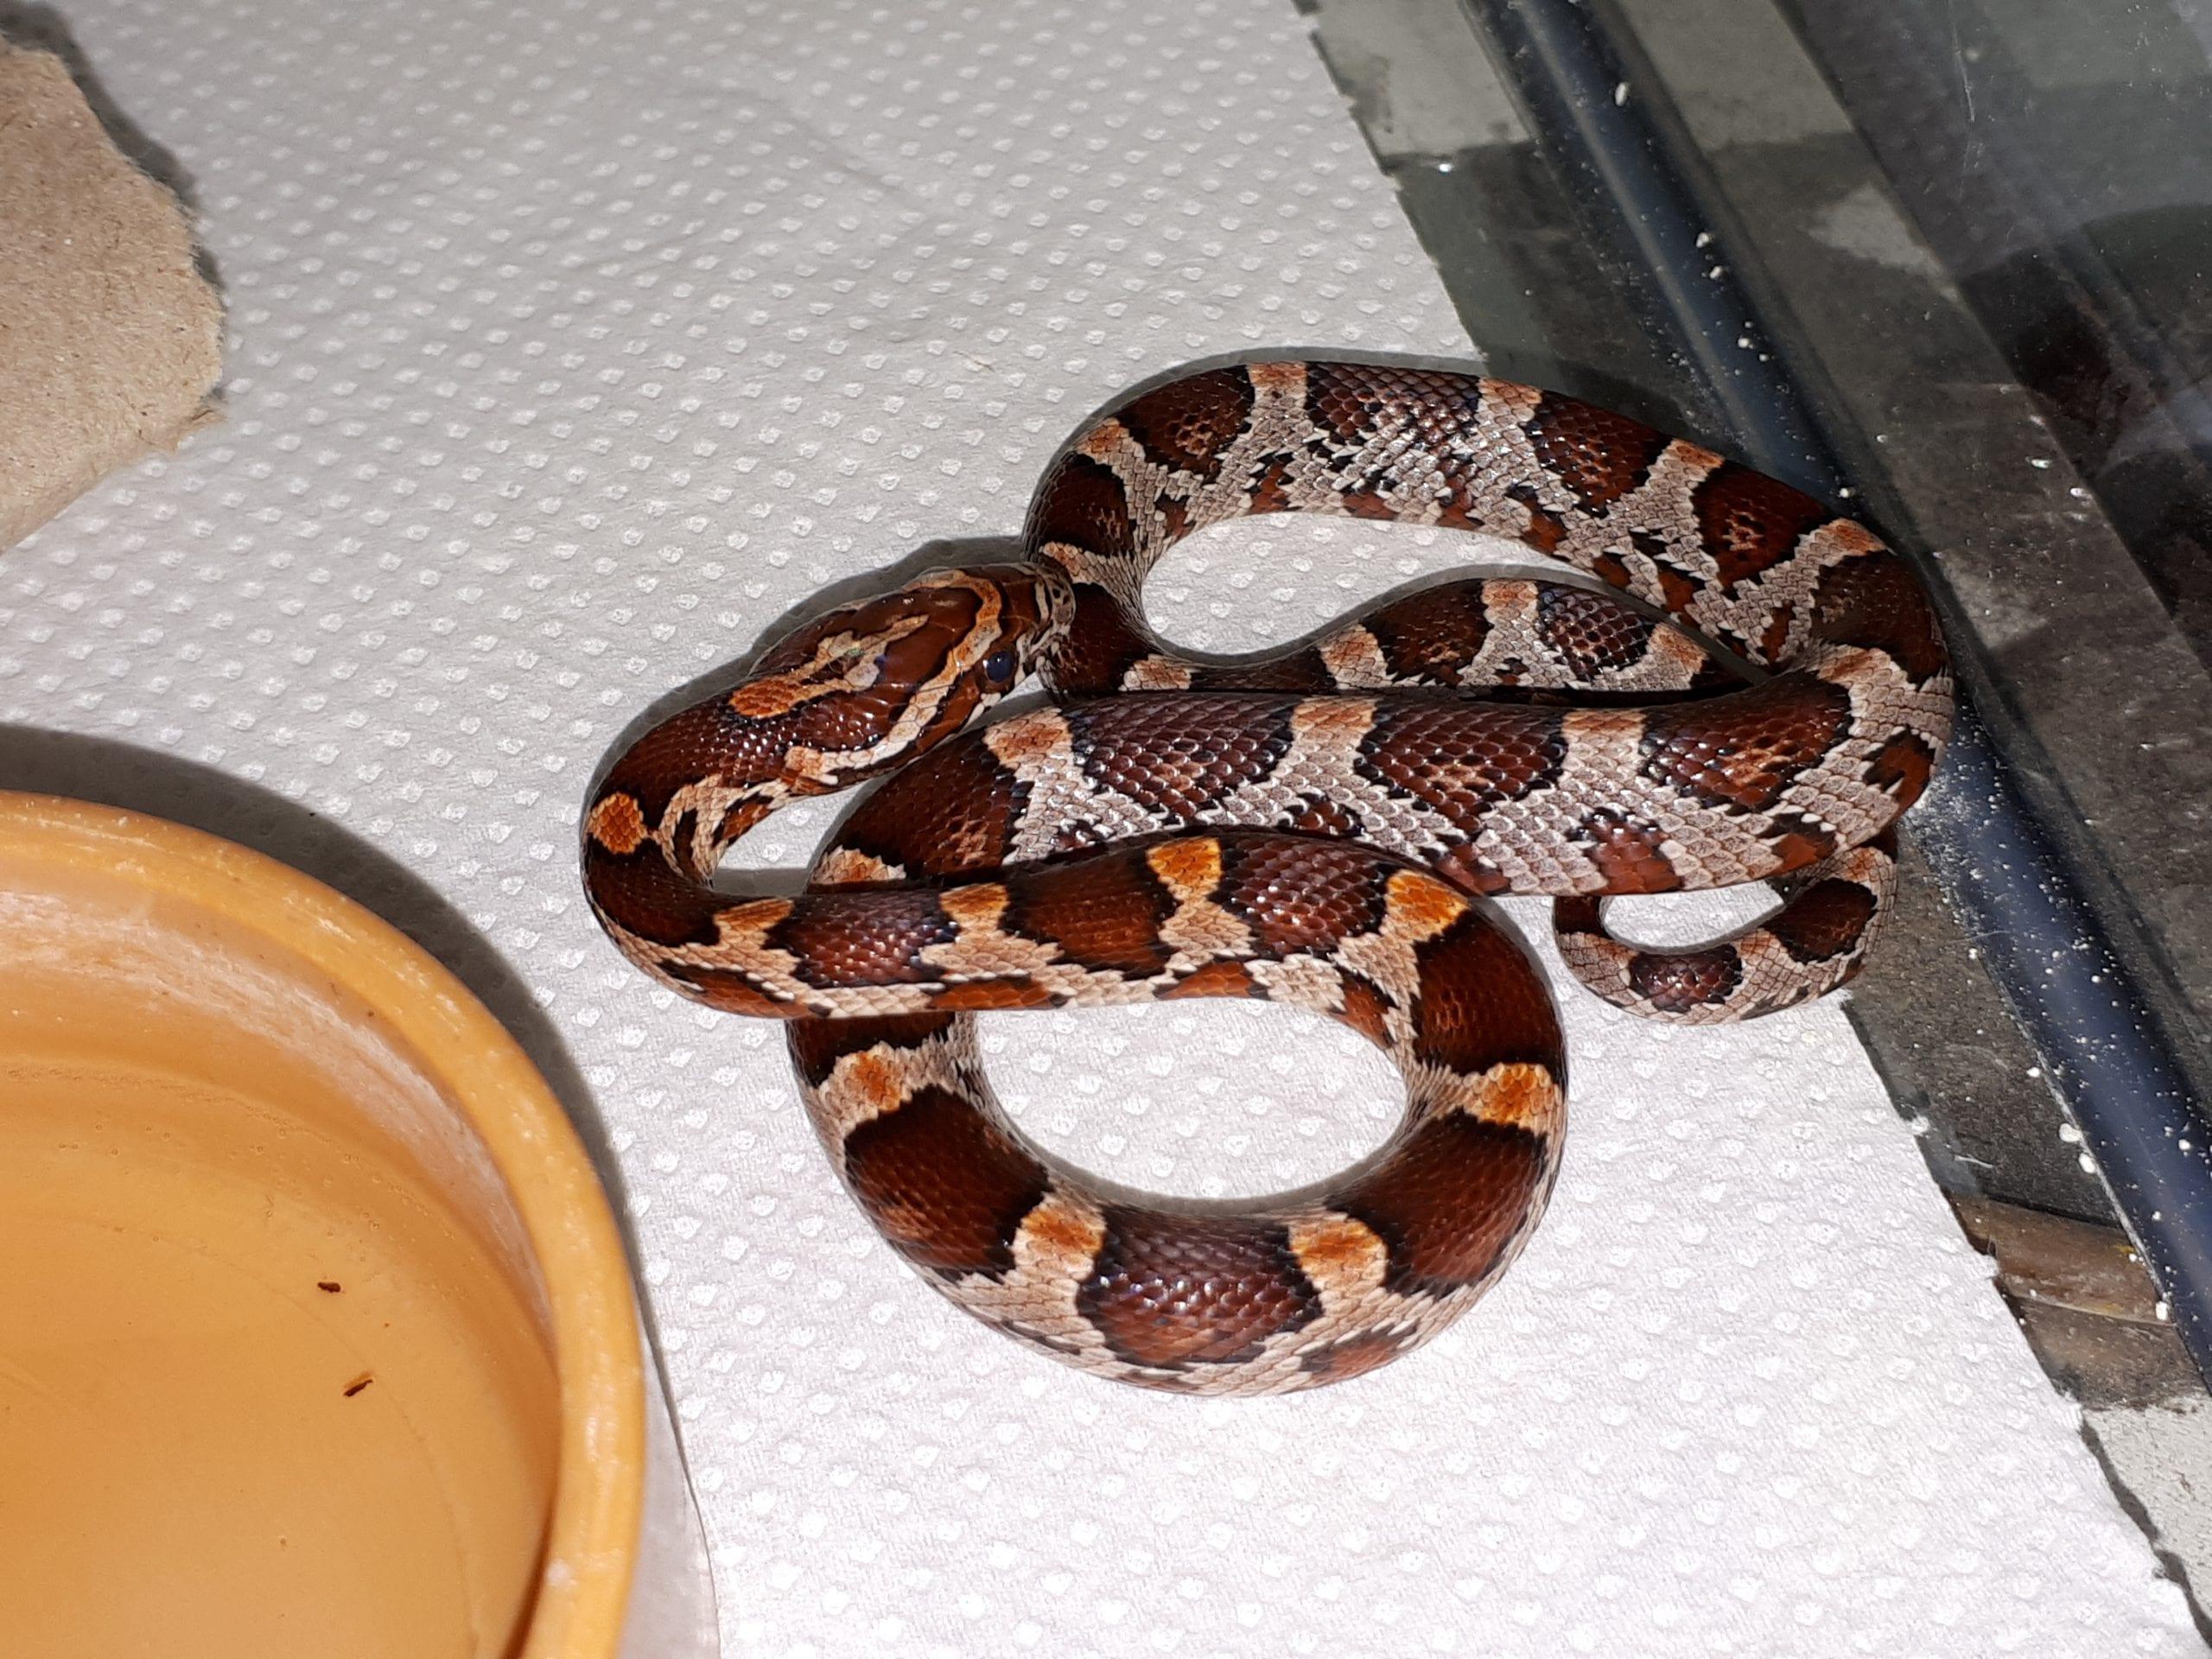 Carolina Corn Snake CB (Pantherophis guttatus) Image